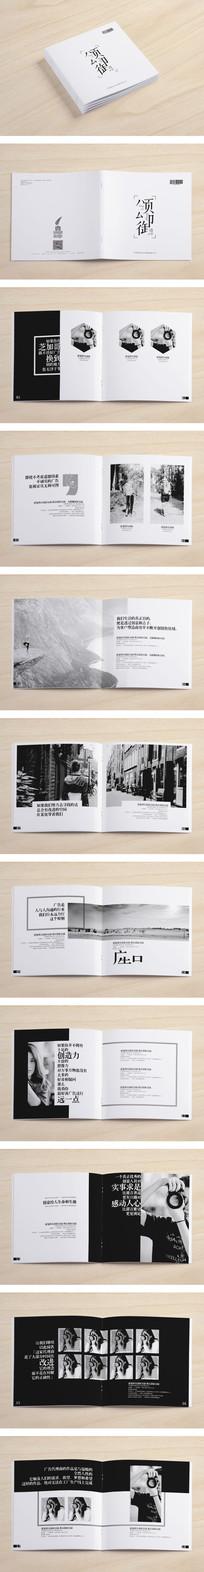 简约时尚黑白通用广告公司画册